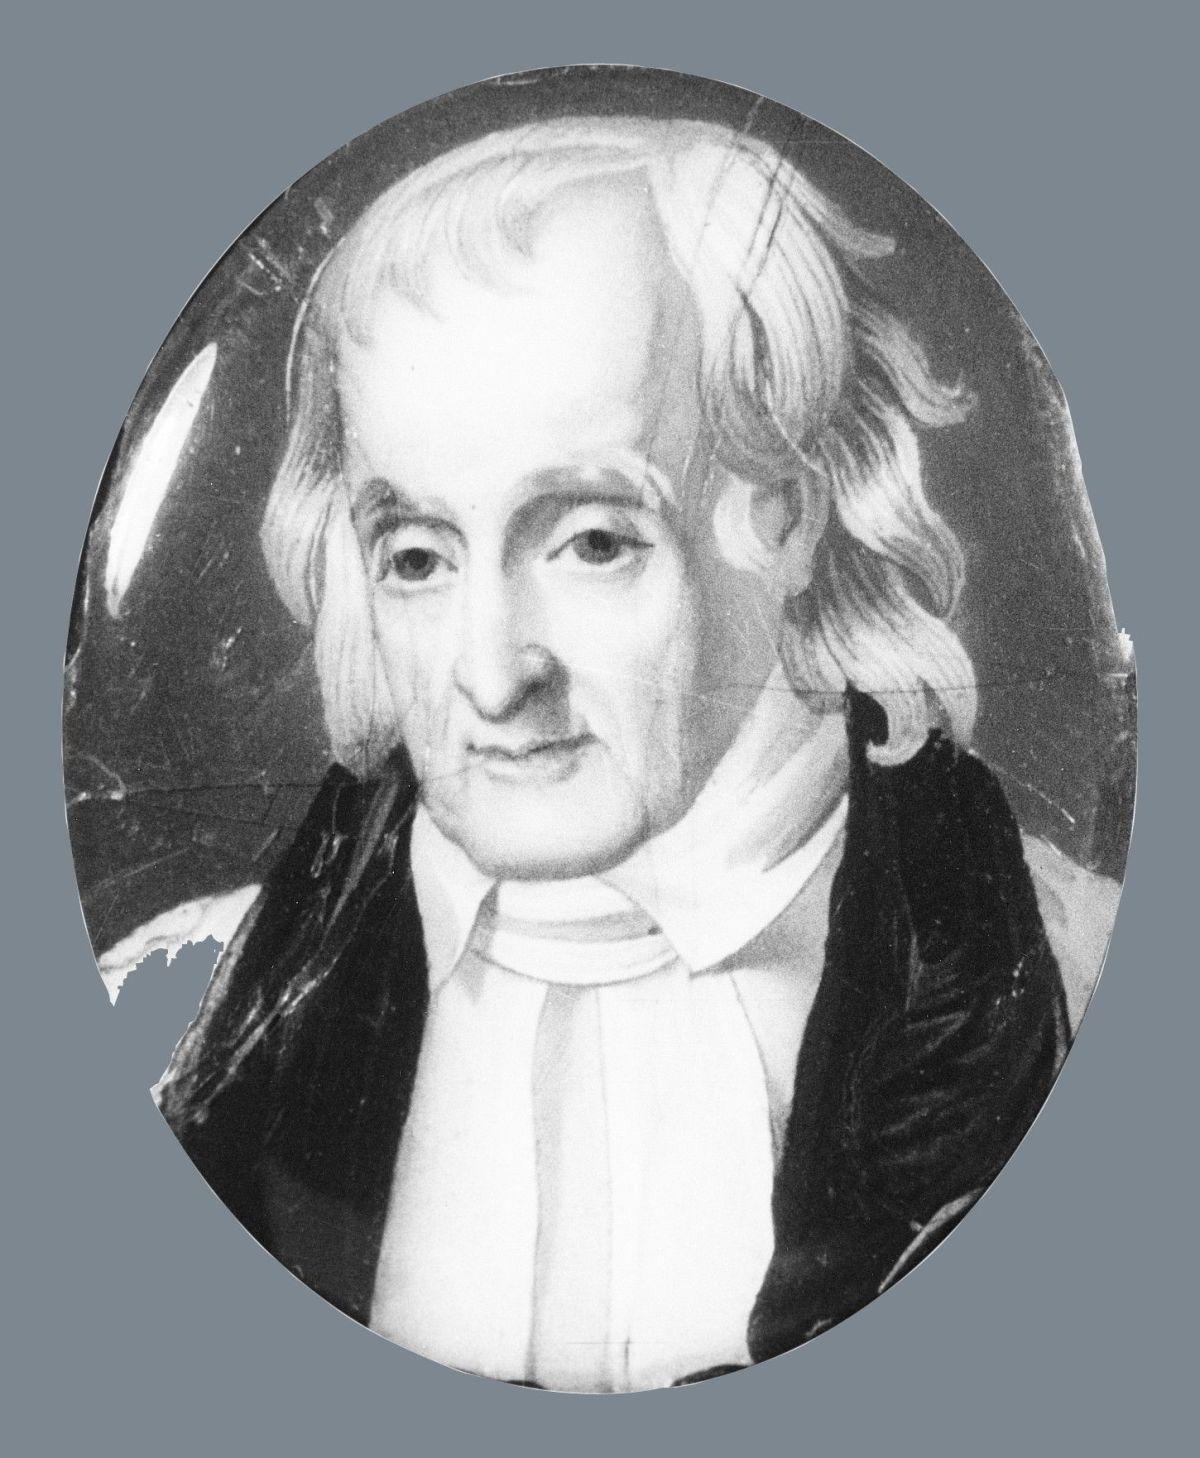 Bishop William White by William Russell Birch